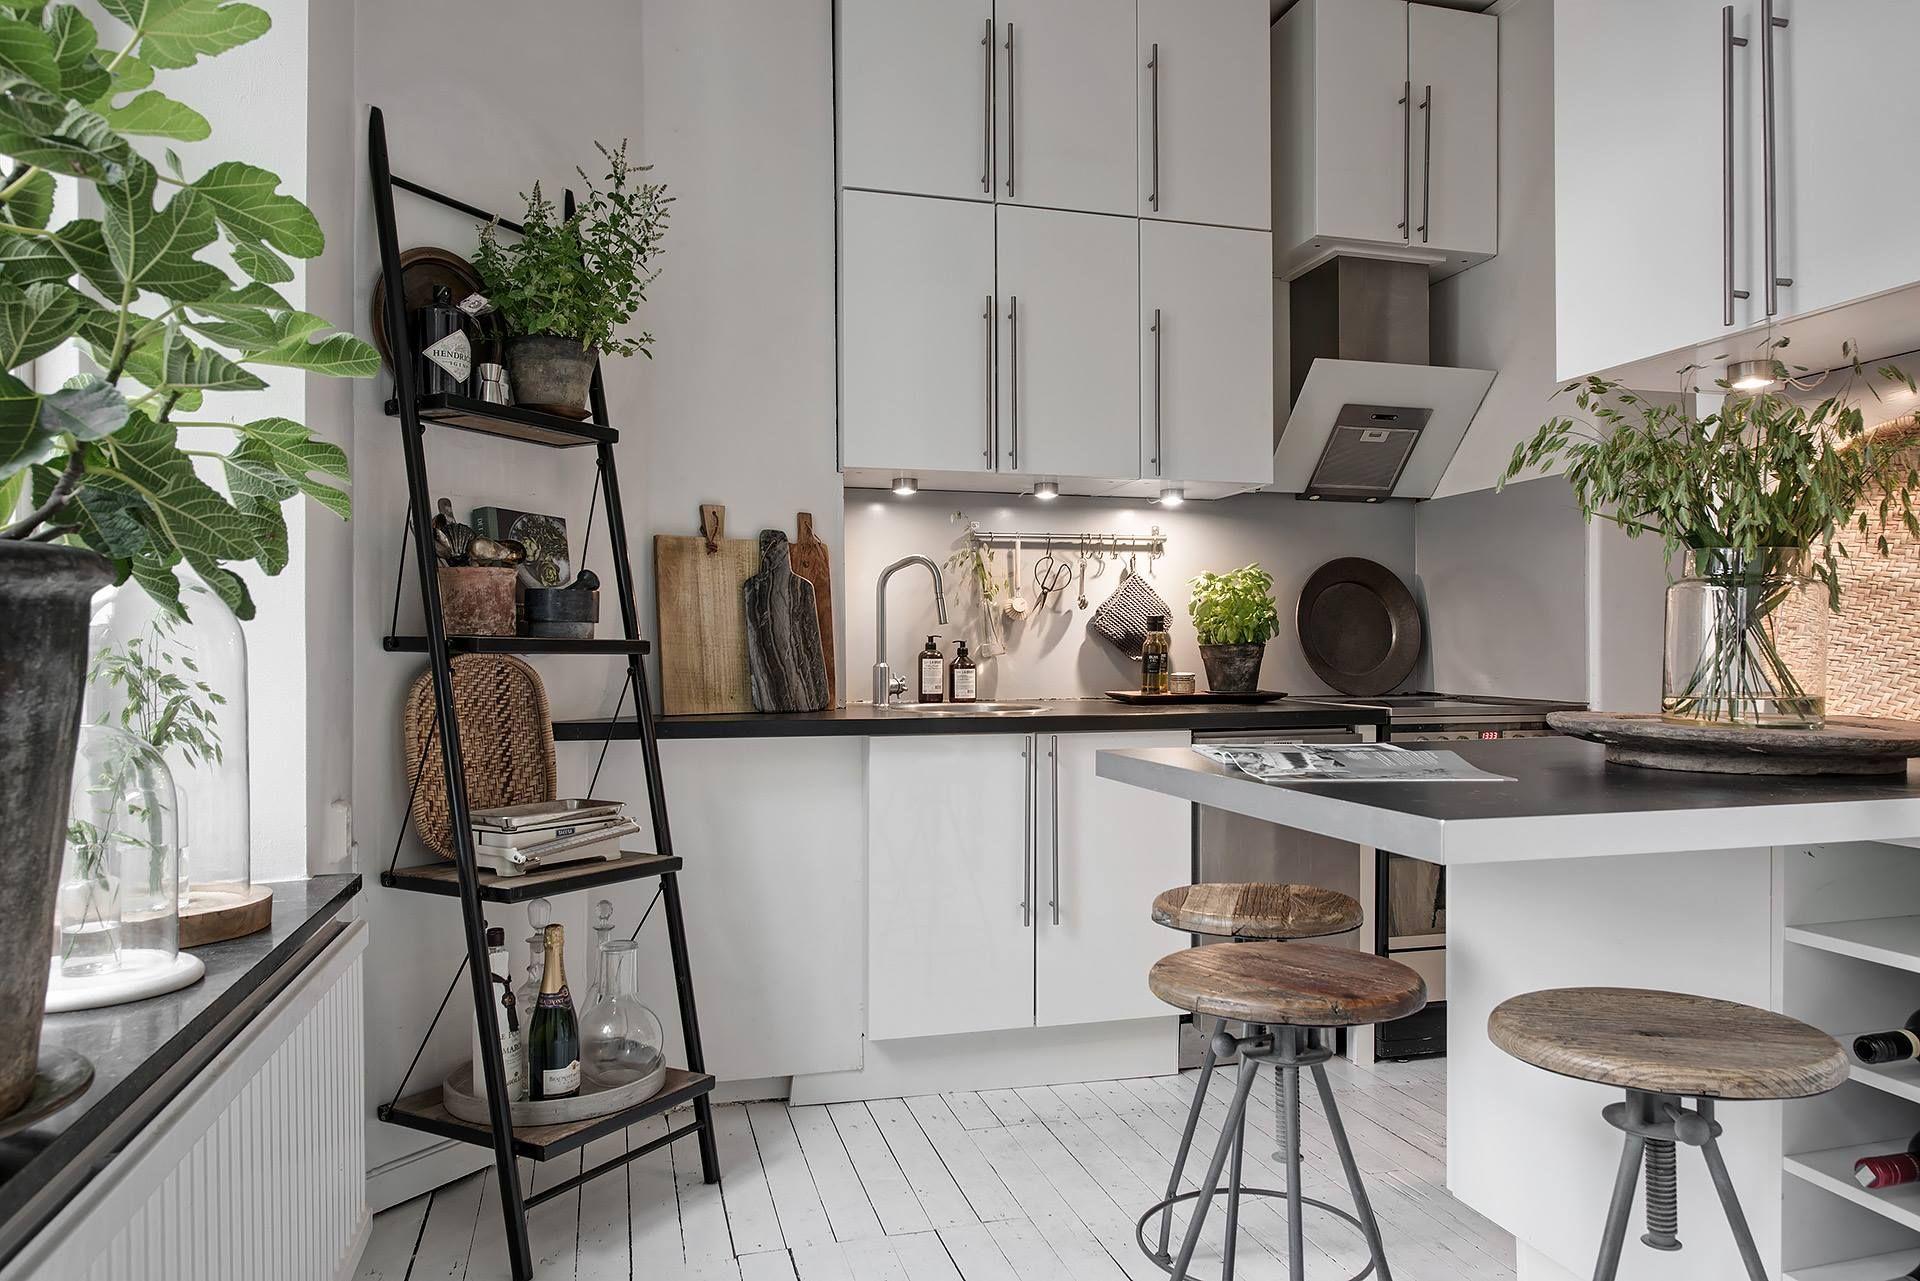 Excepcional Home Depot Cocina Guía De Planificación Pdf Elaboración ...